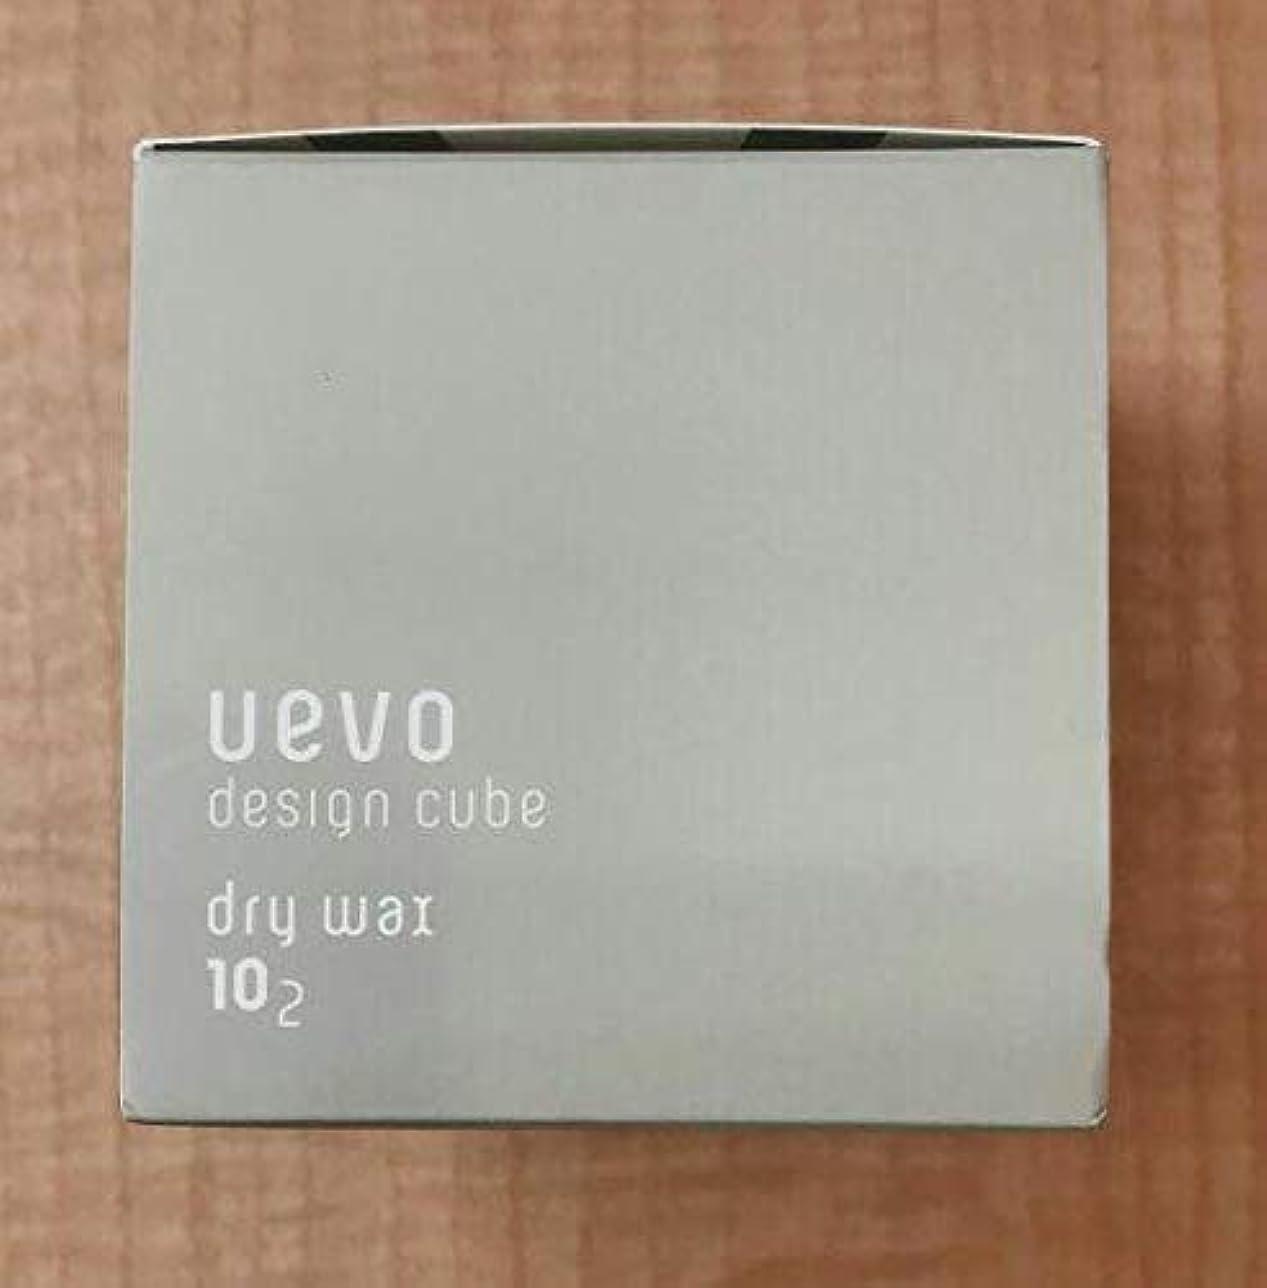 台無しにシンジケートアンソロジー【X2個セット】 デミ ウェーボ デザインキューブ ドライワックス 80g dry wax